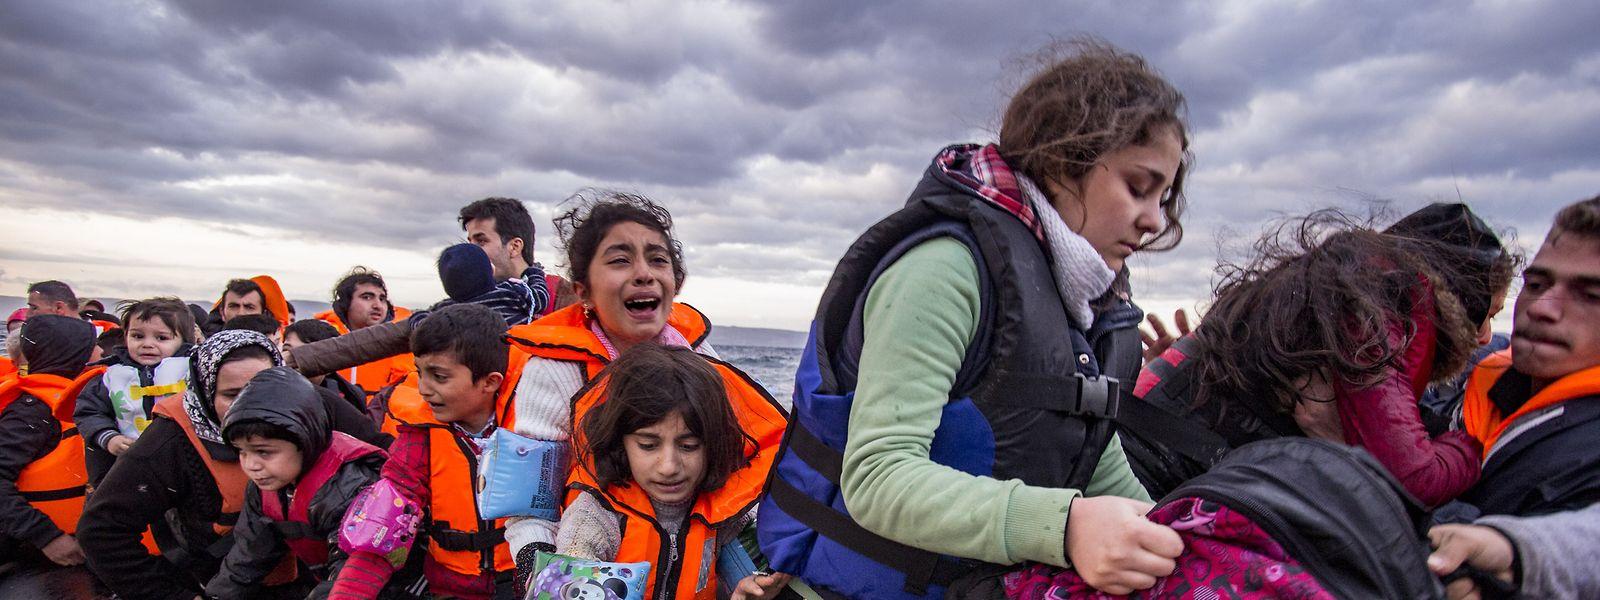 Syrische Flüchtlinge vor der griechischen Insel Lesbos.